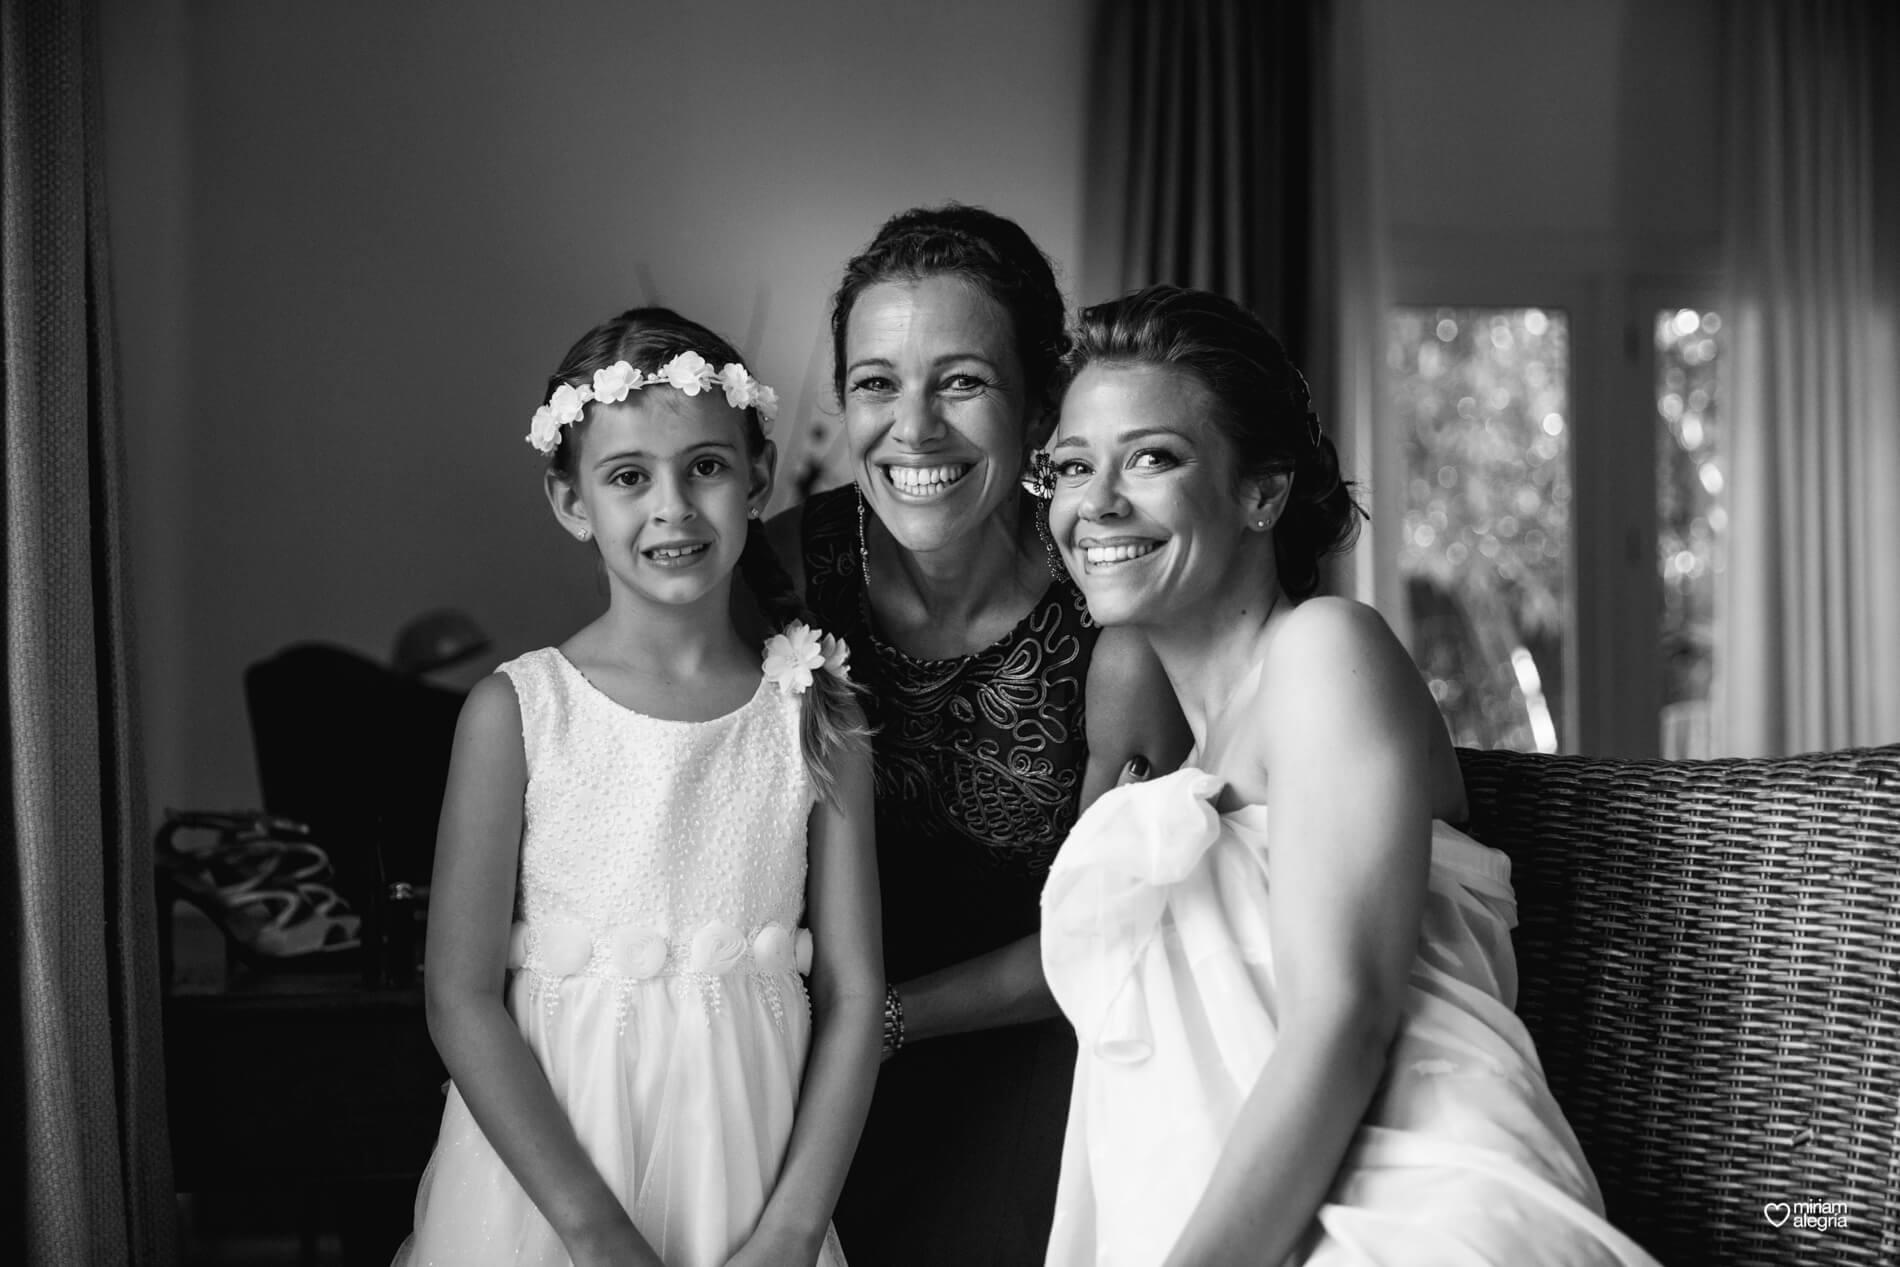 wedding-huerto-del-cura-elche-miriam-alegria-fotografos-boda-10